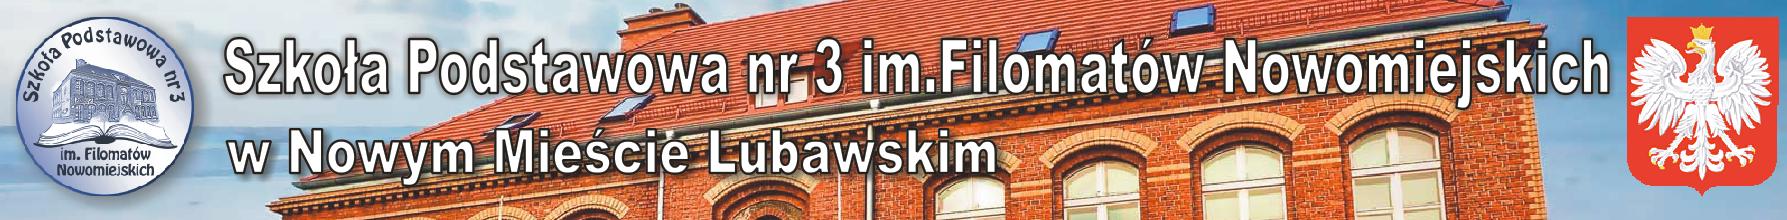 Szkoła Podstawowa nr 3 im.Filomatów Nowomiejskich